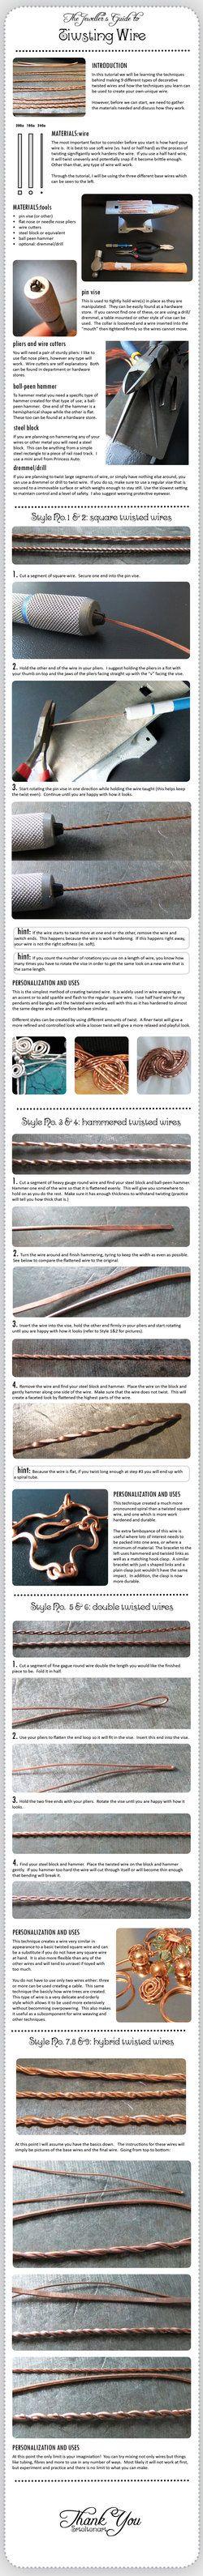 wire twisting technique